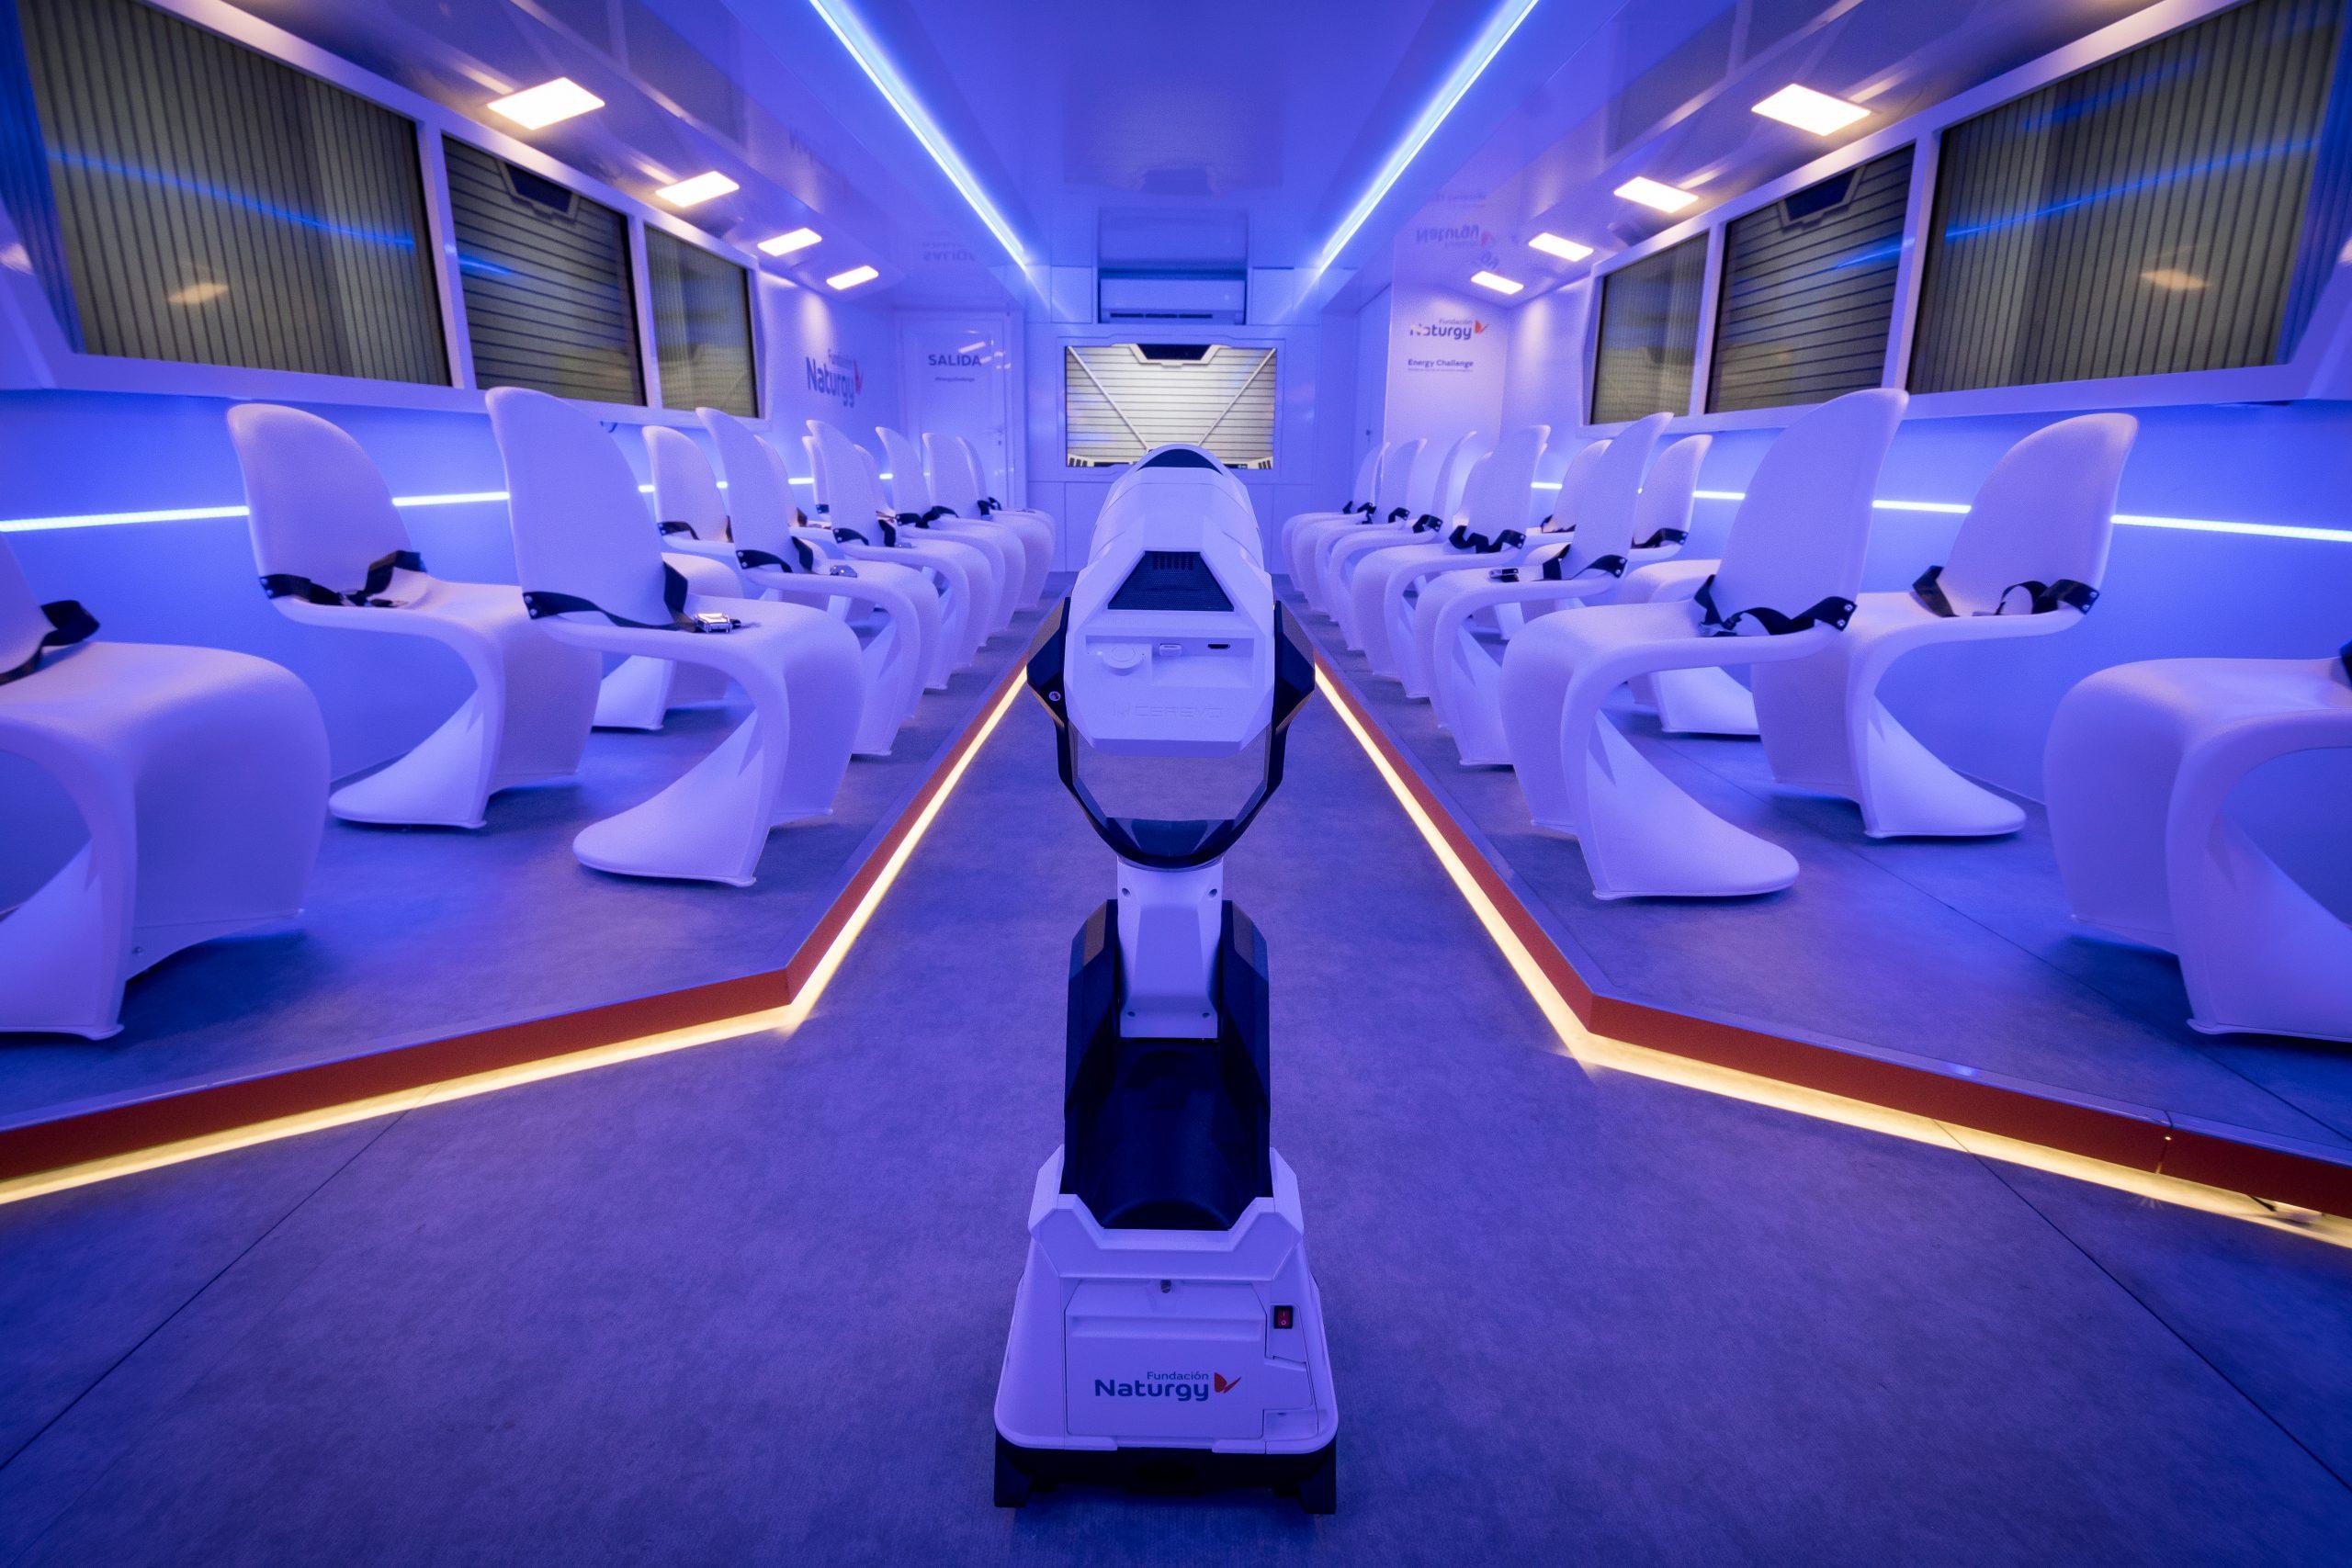 Naturgy 'aterrizará' durante las navidades en Ponferrada con una aeronave futurista llena de propuestas para resolver el desafío energético 3